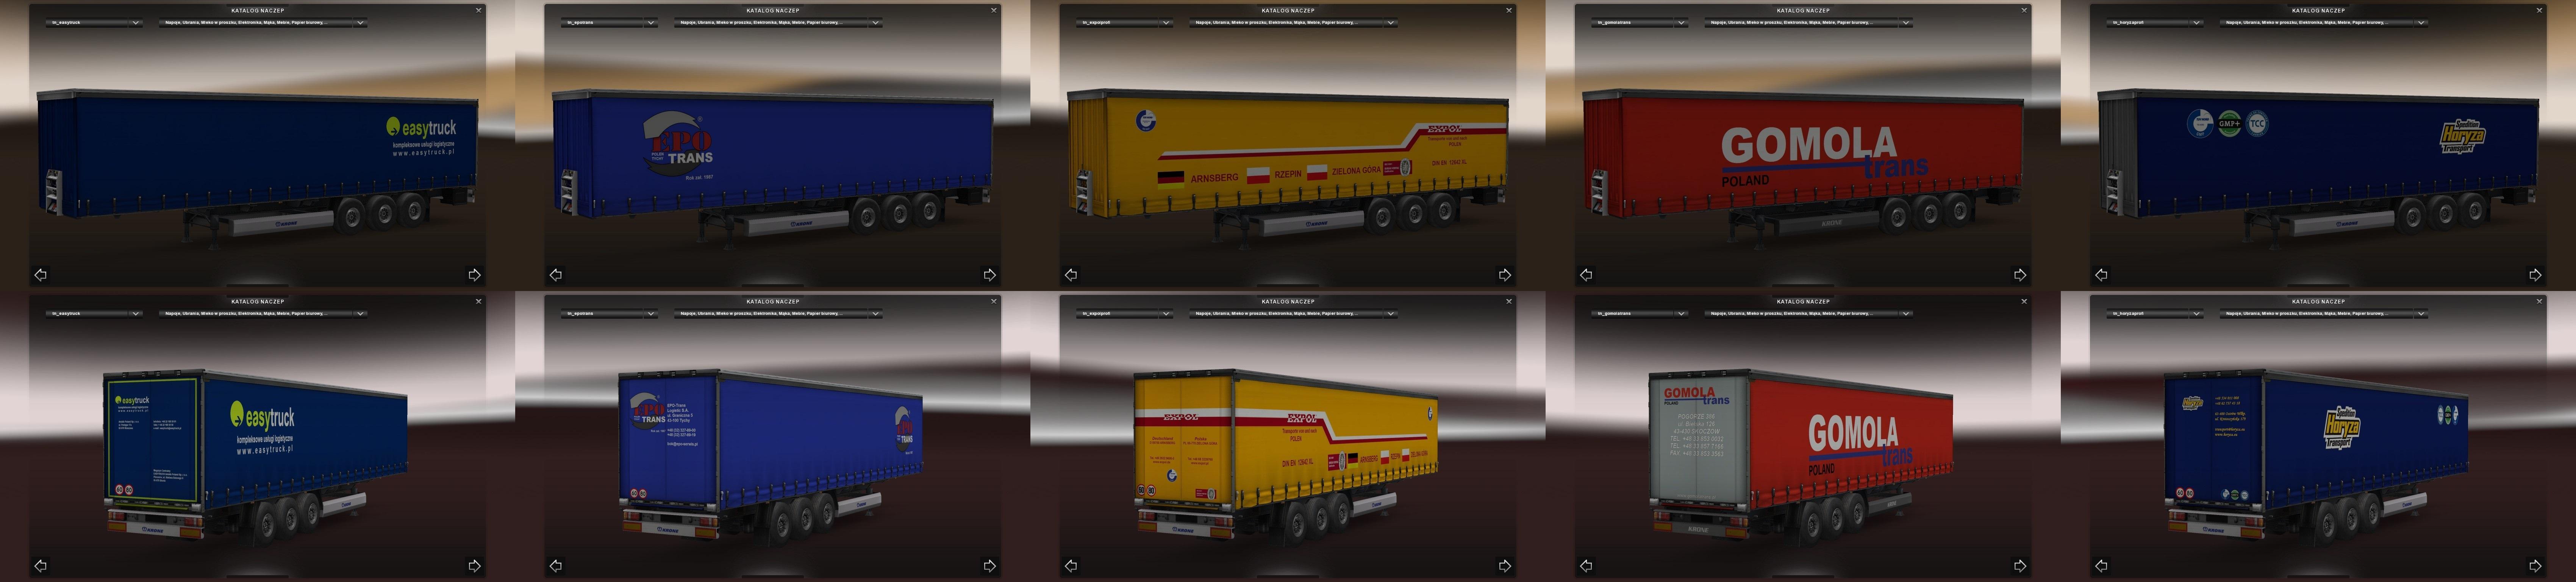 2895-trailer-pack-profi-liner-by-biksan-1-21-x_2